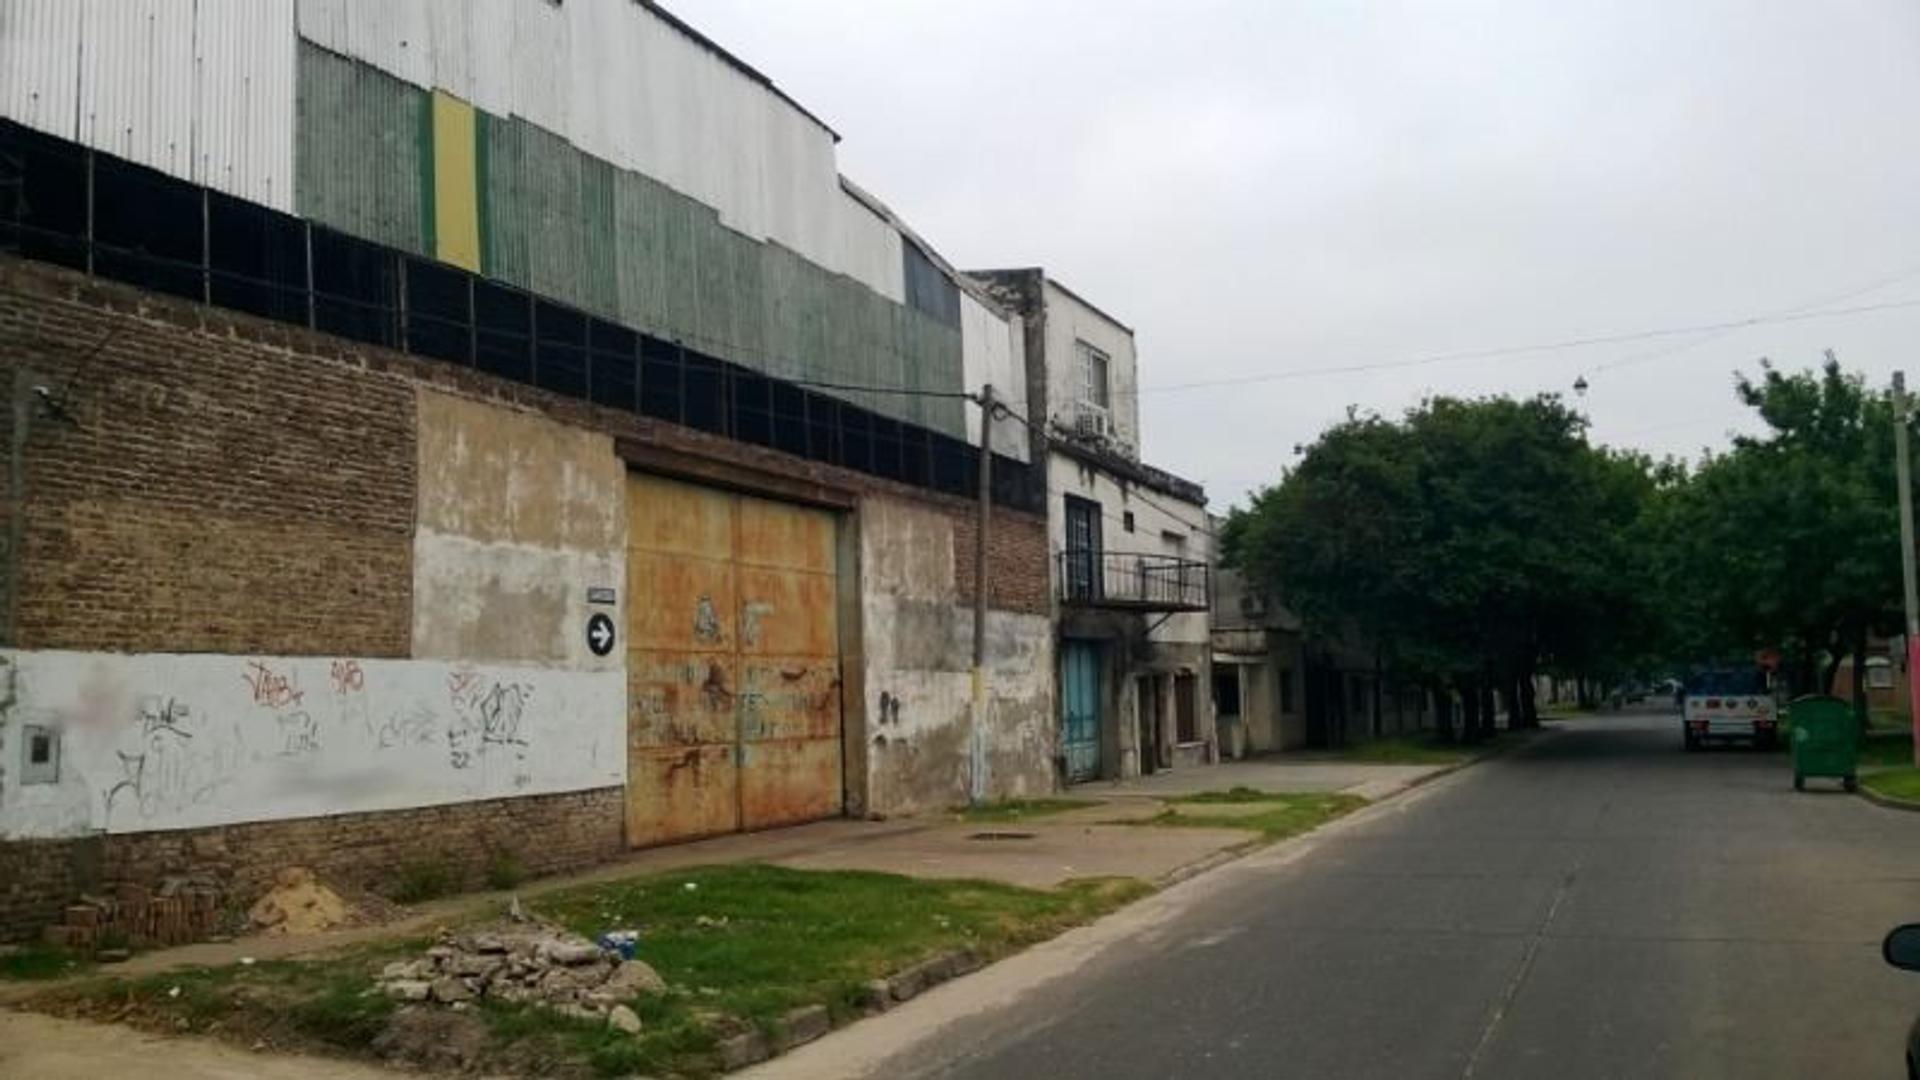 Galpón / Depósito. 988 m². En venta. Rosario.